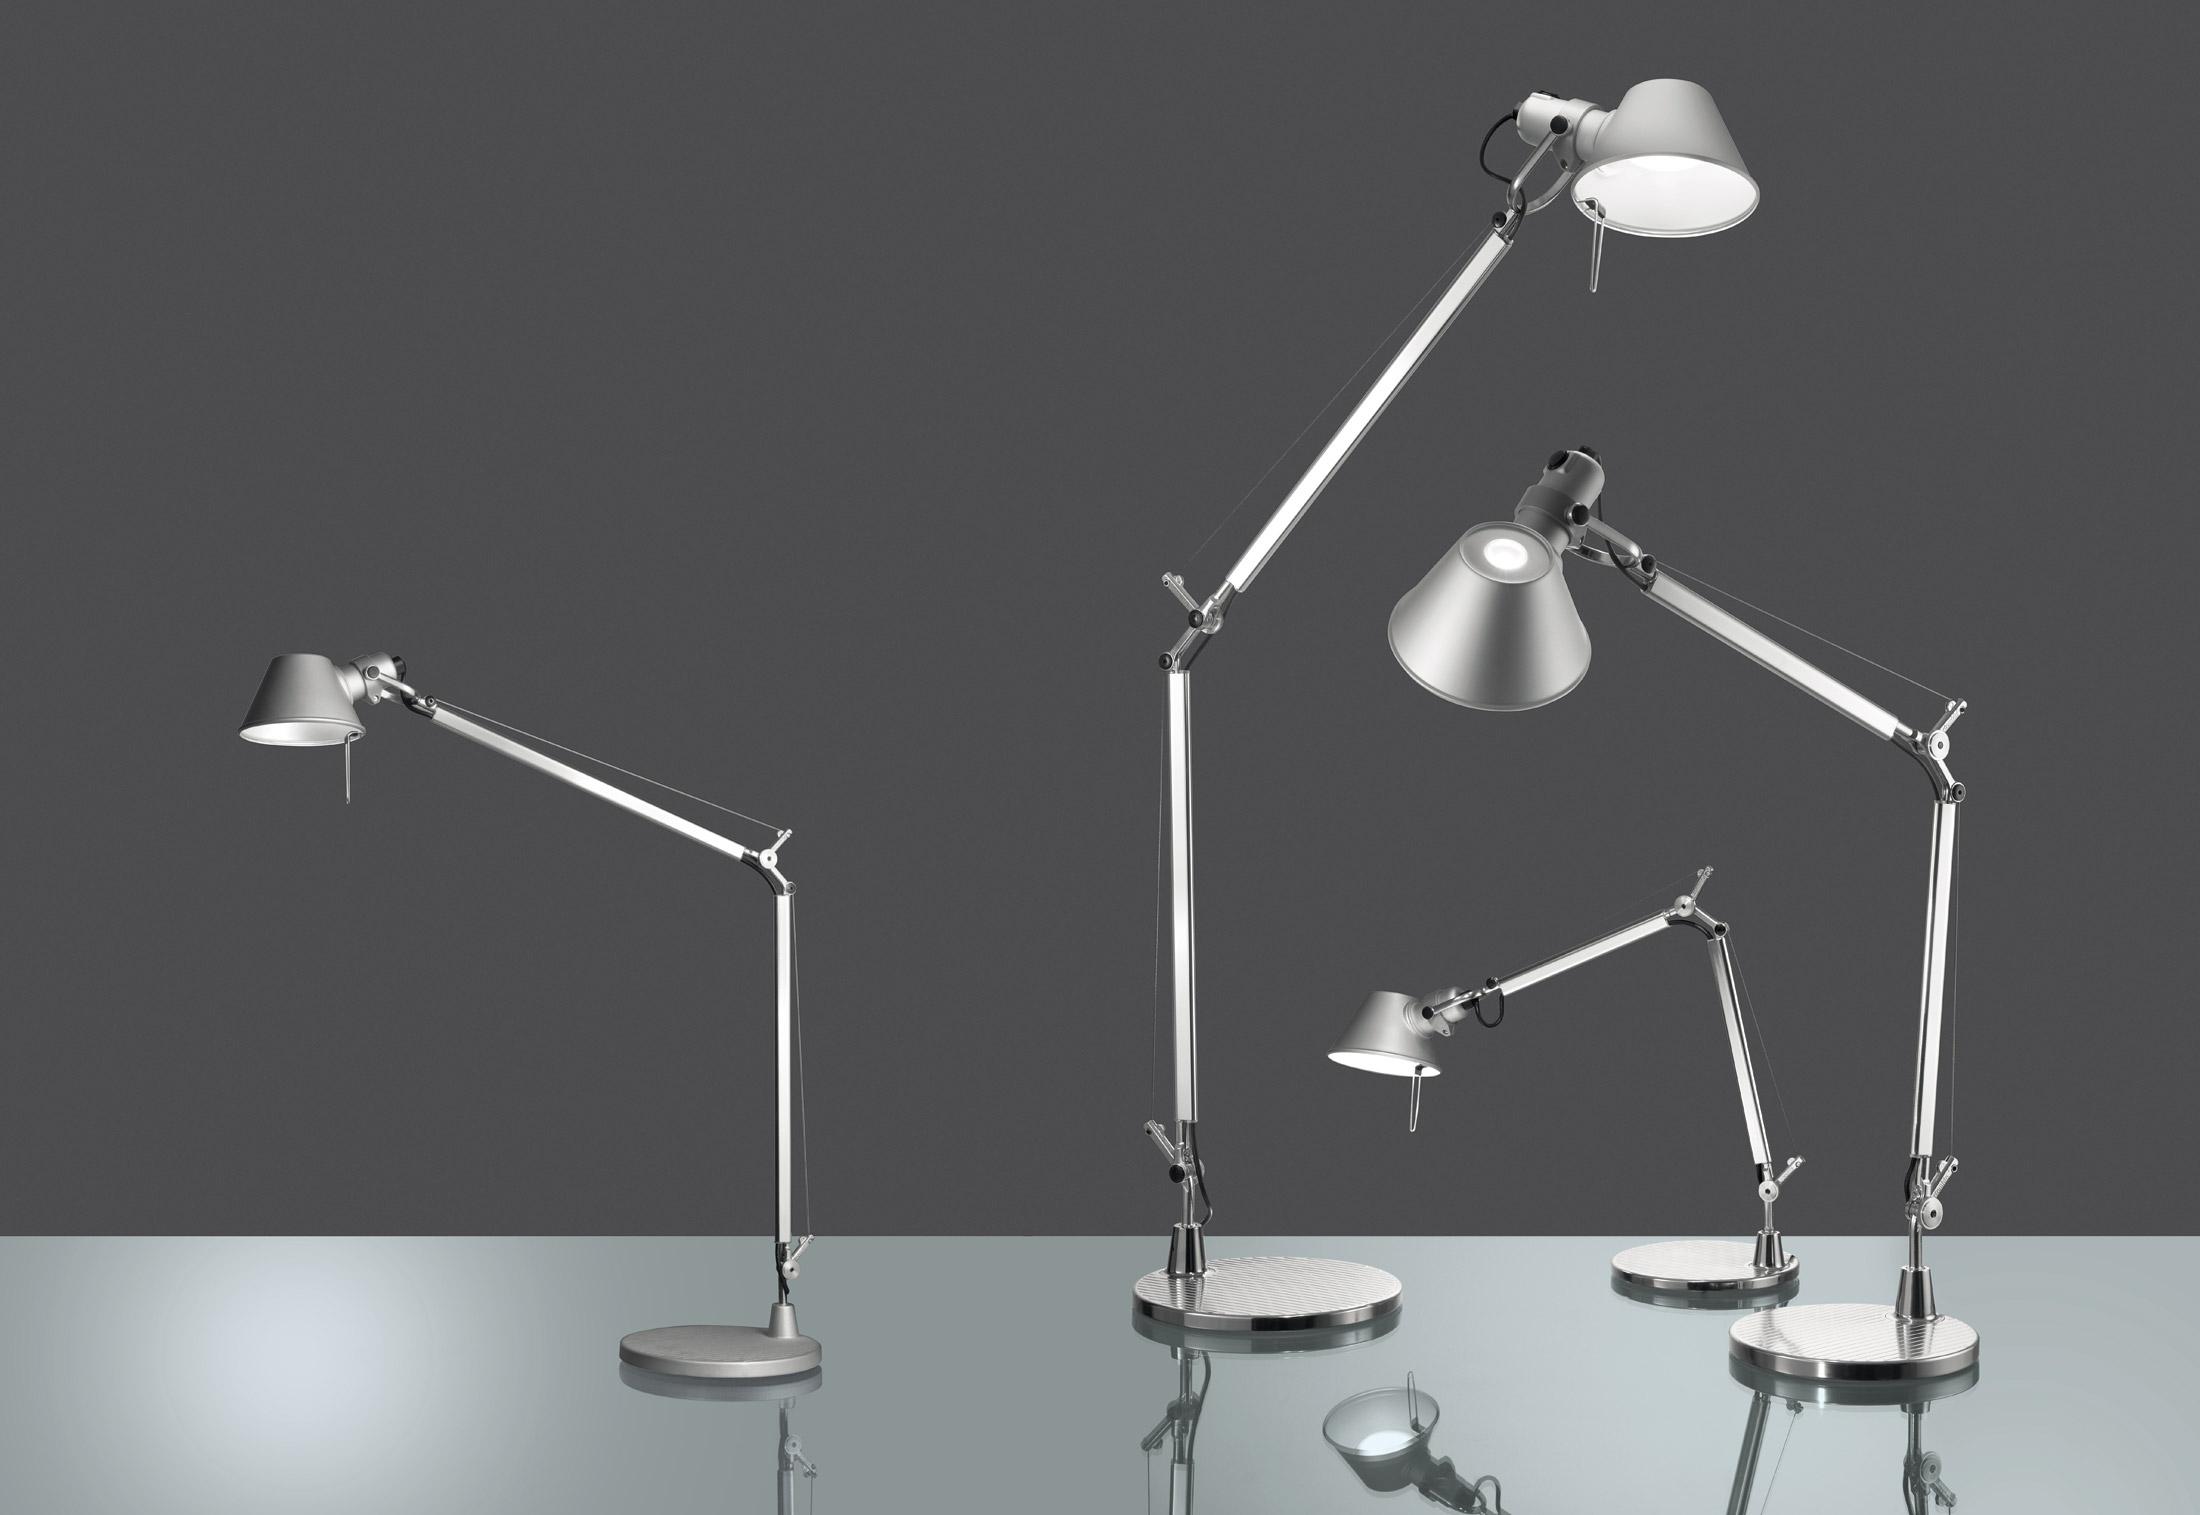 Tolomeo midi led di artemide lampade da tavolo - Lampade da tavolo artemide ...